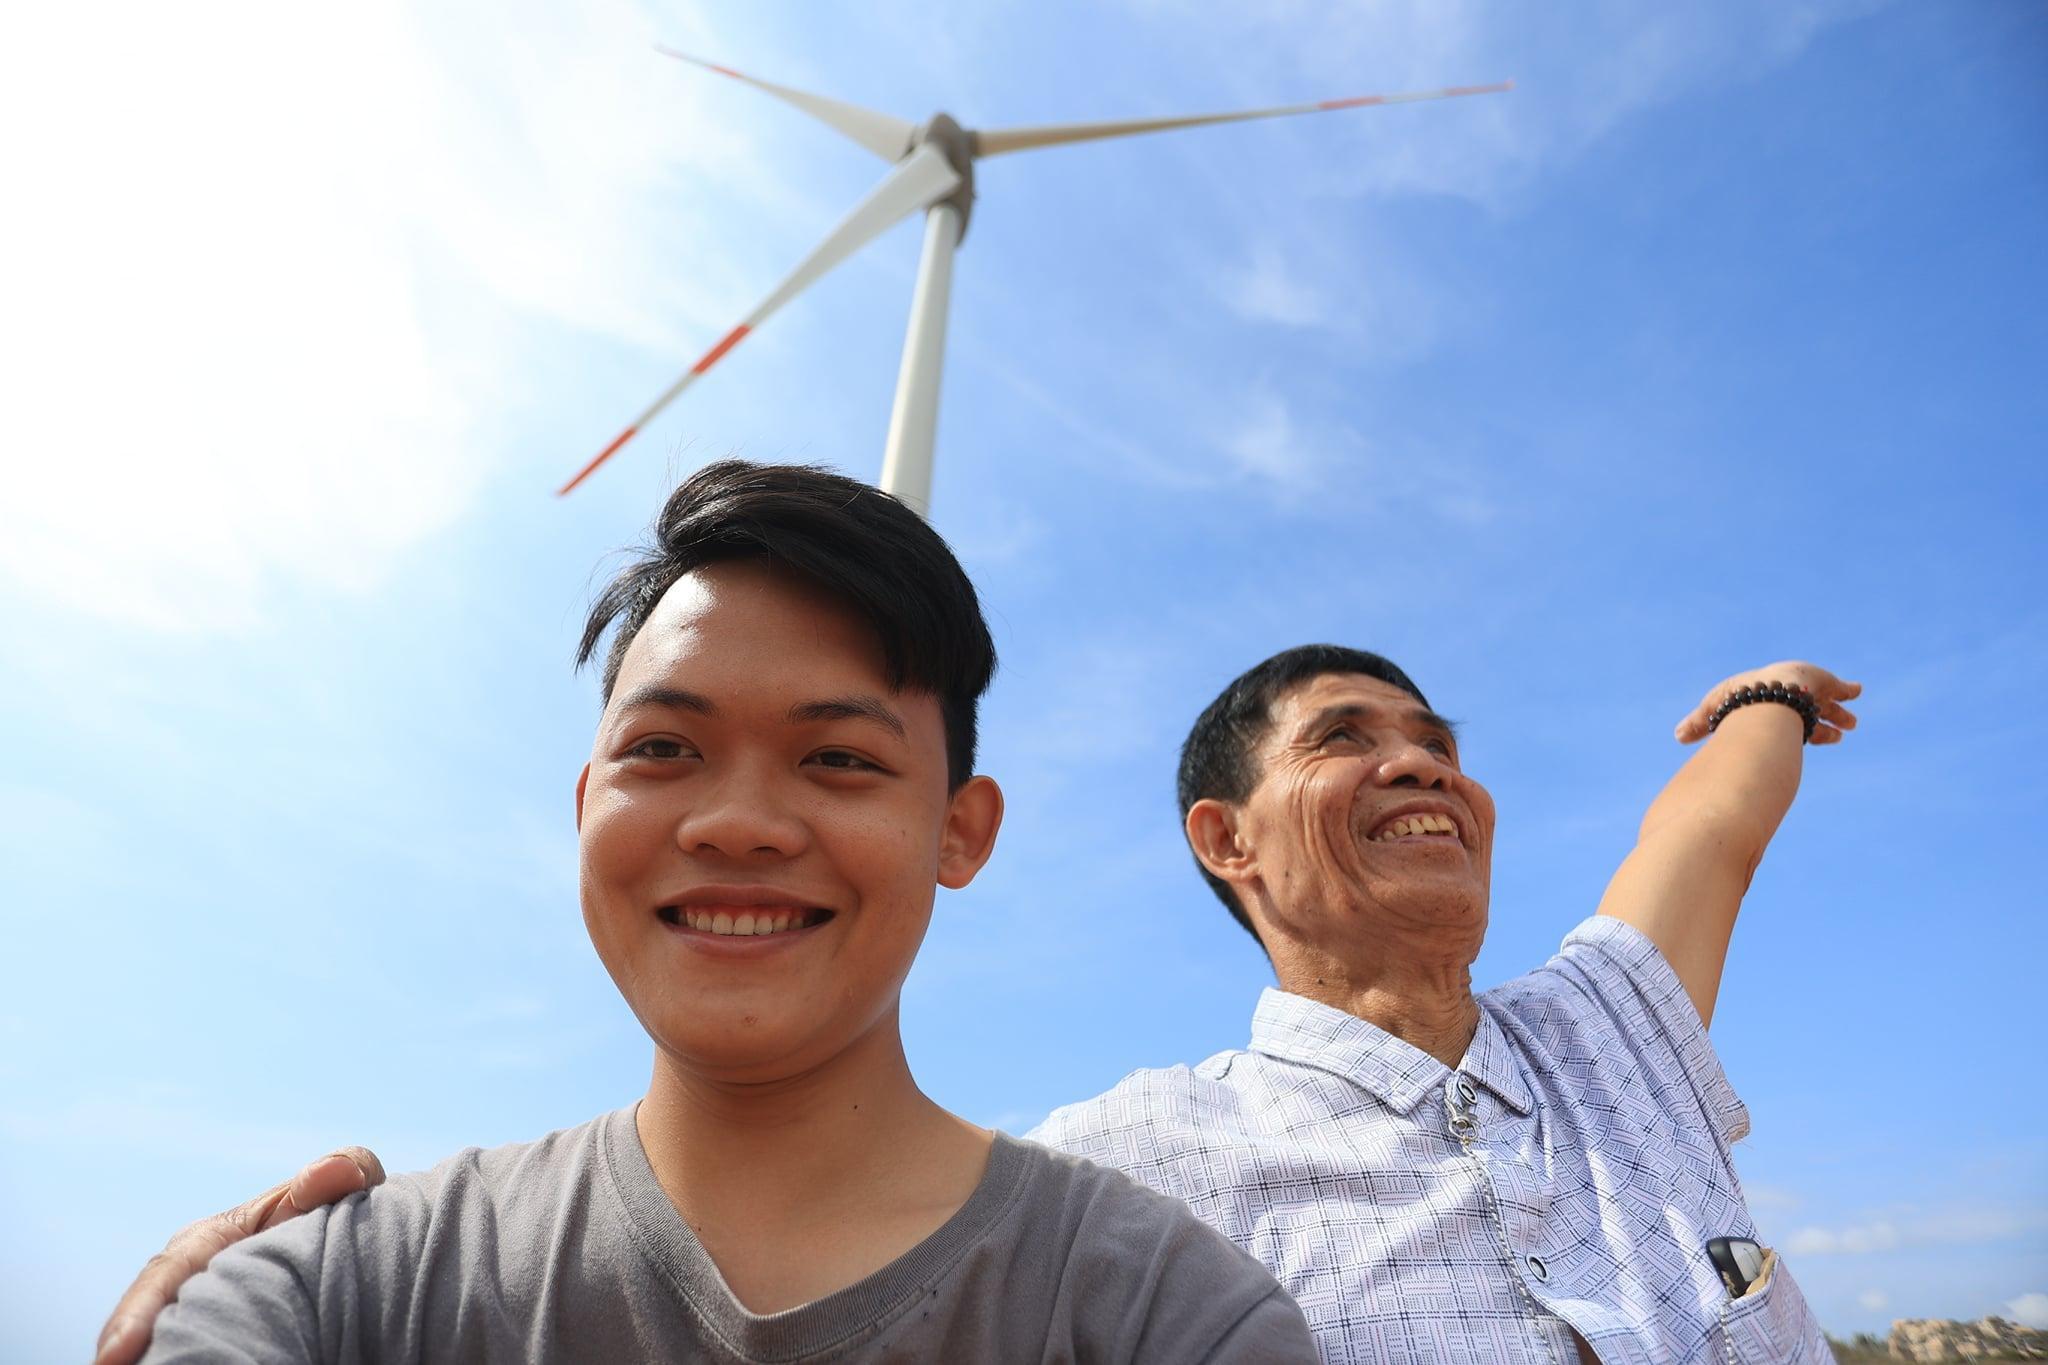 Hành trình xuyên Việt xúc động của chàng thanh niên 9x cùng 'bạn của ông nội' ảnh 3